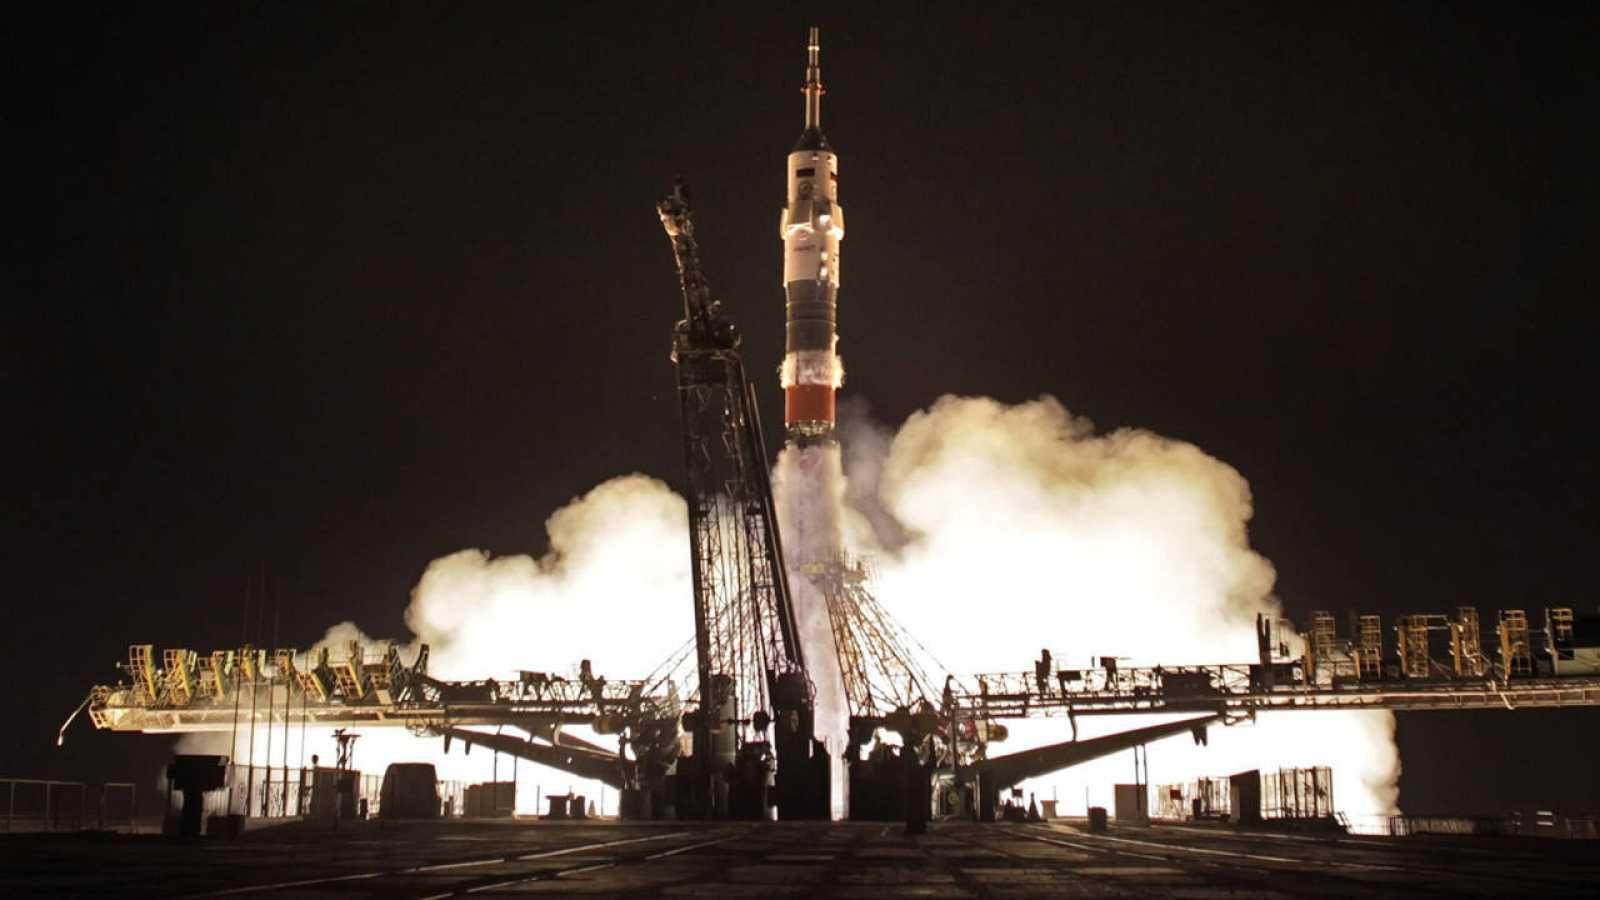 El cohete Soyuz TMA-17M durante el despegue rumbo a la Estación Especial Internacional en en Baikonur (Kazajistán).